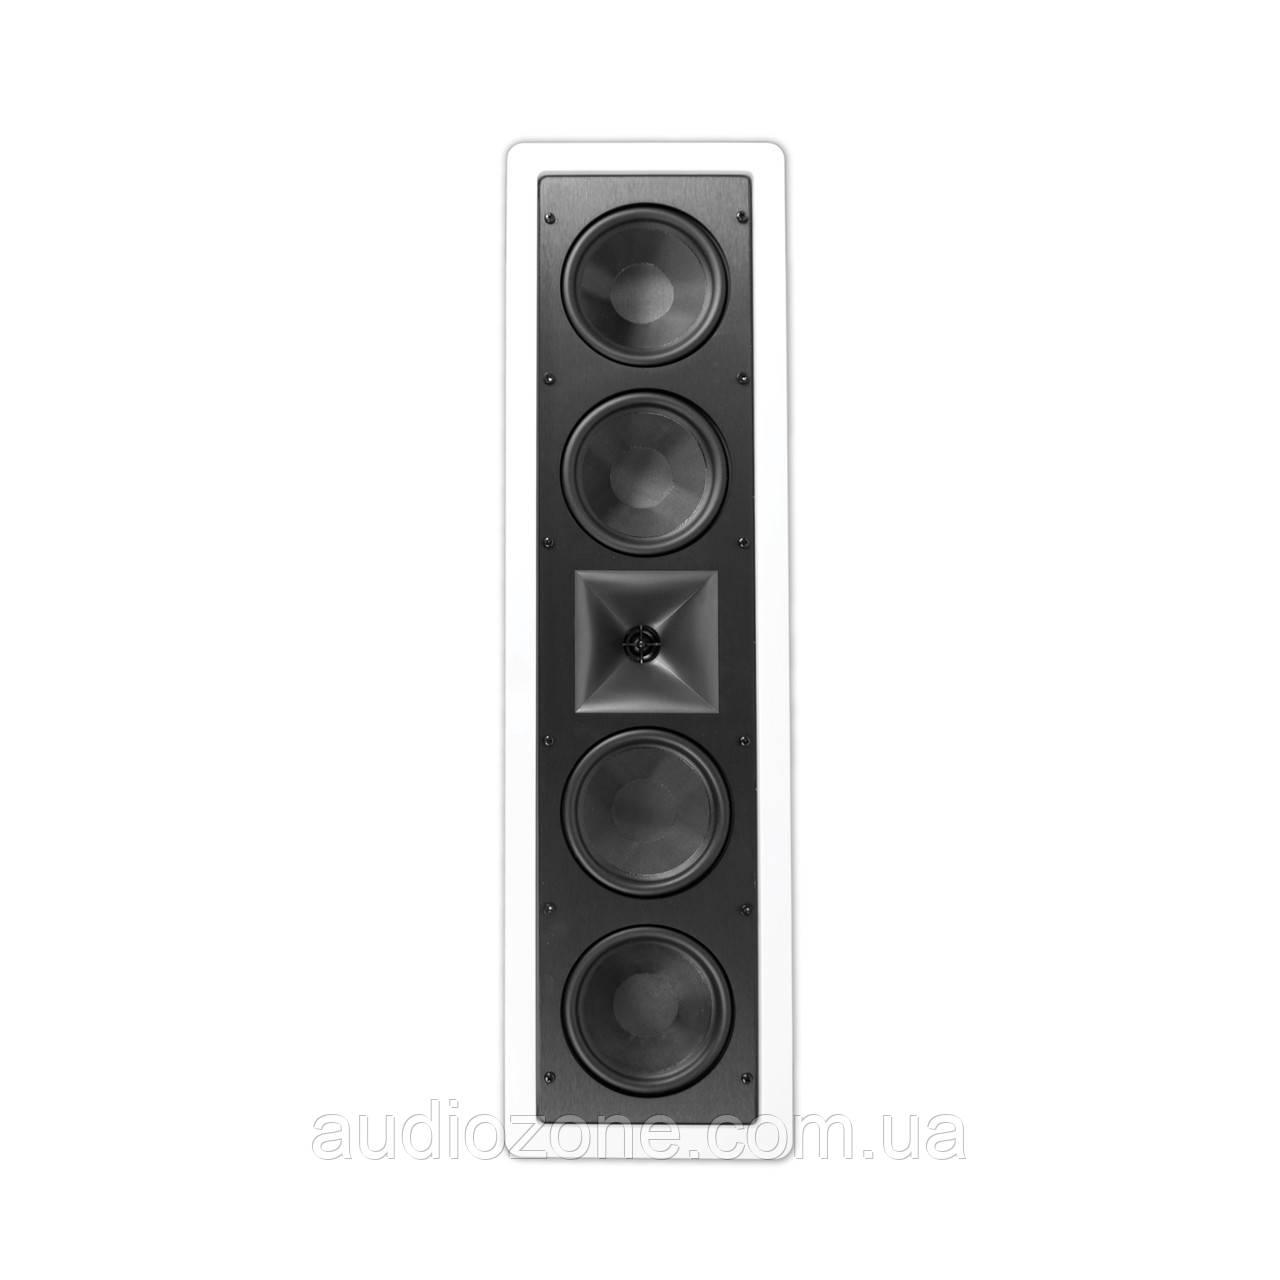 Акустическая система встраиваемая Klipsch KL-6504-THX